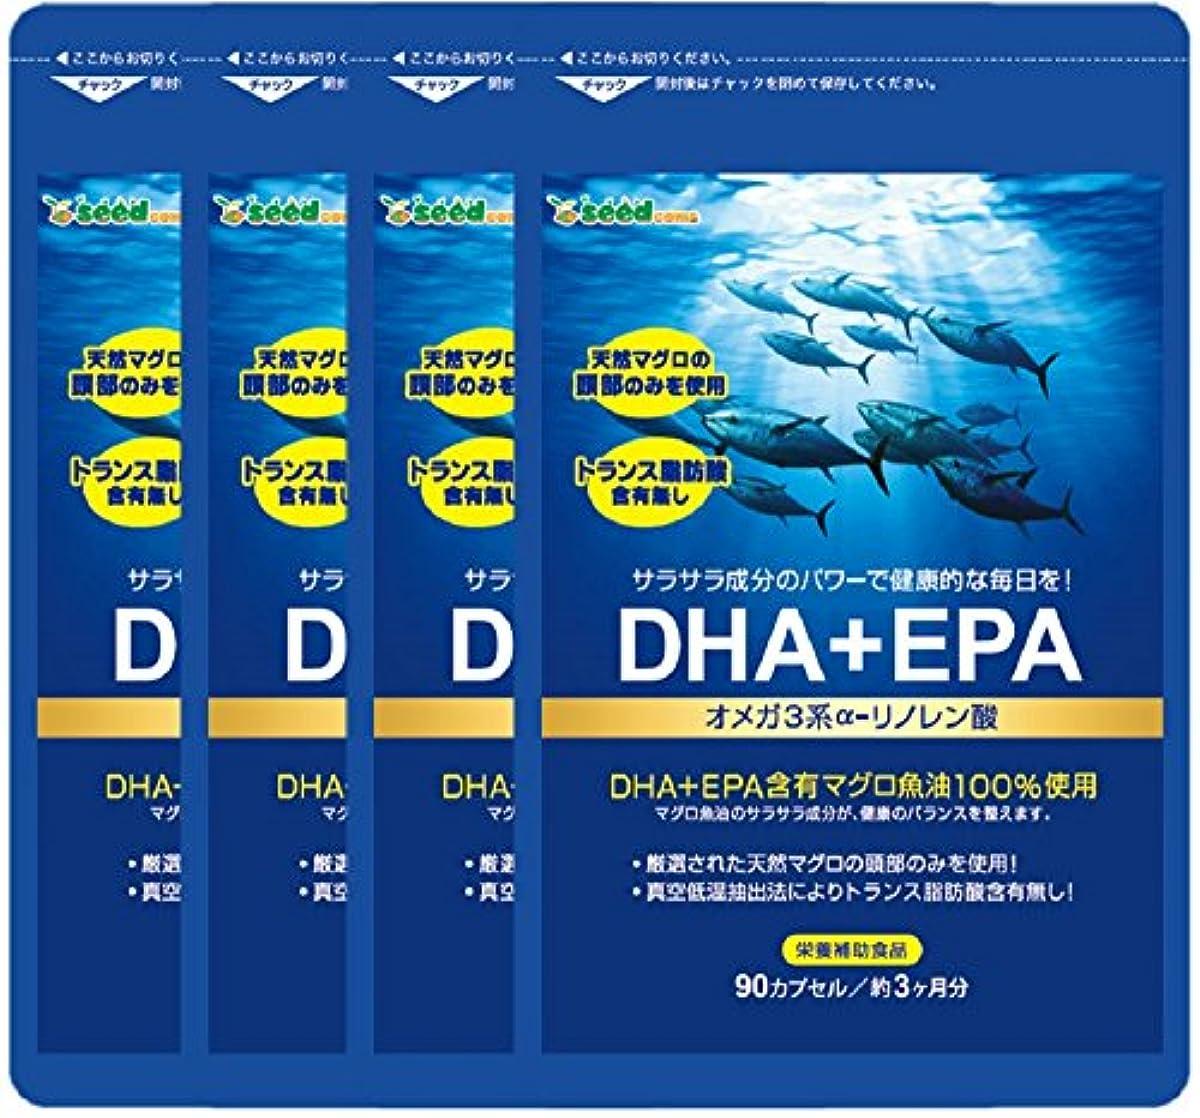 赤面避難するお金ゴムシードコムス seedcoms DHA + EPA オメガ系 α-リノレン酸 ビンチョウマグロの頭部のみを贅沢に使用!トランス脂肪酸0㎎ 約12ヶ月分 360粒